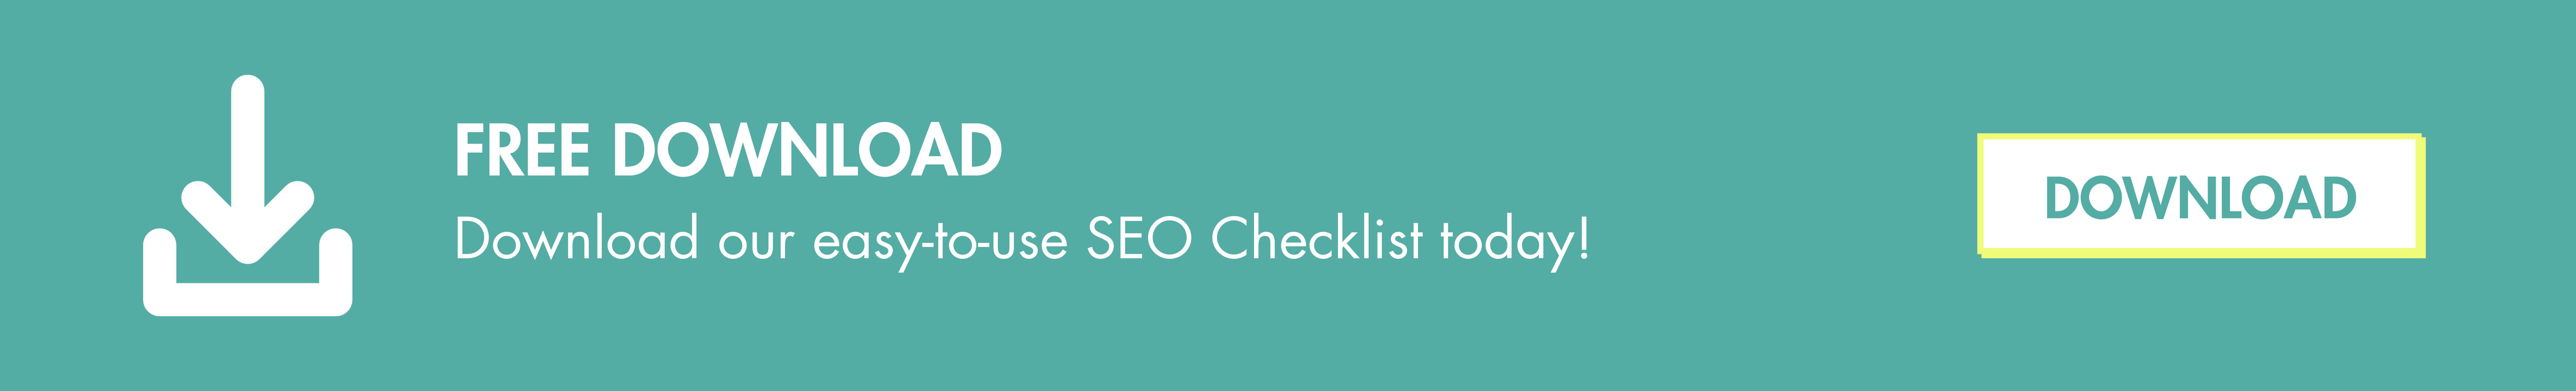 Download SEO Checklist